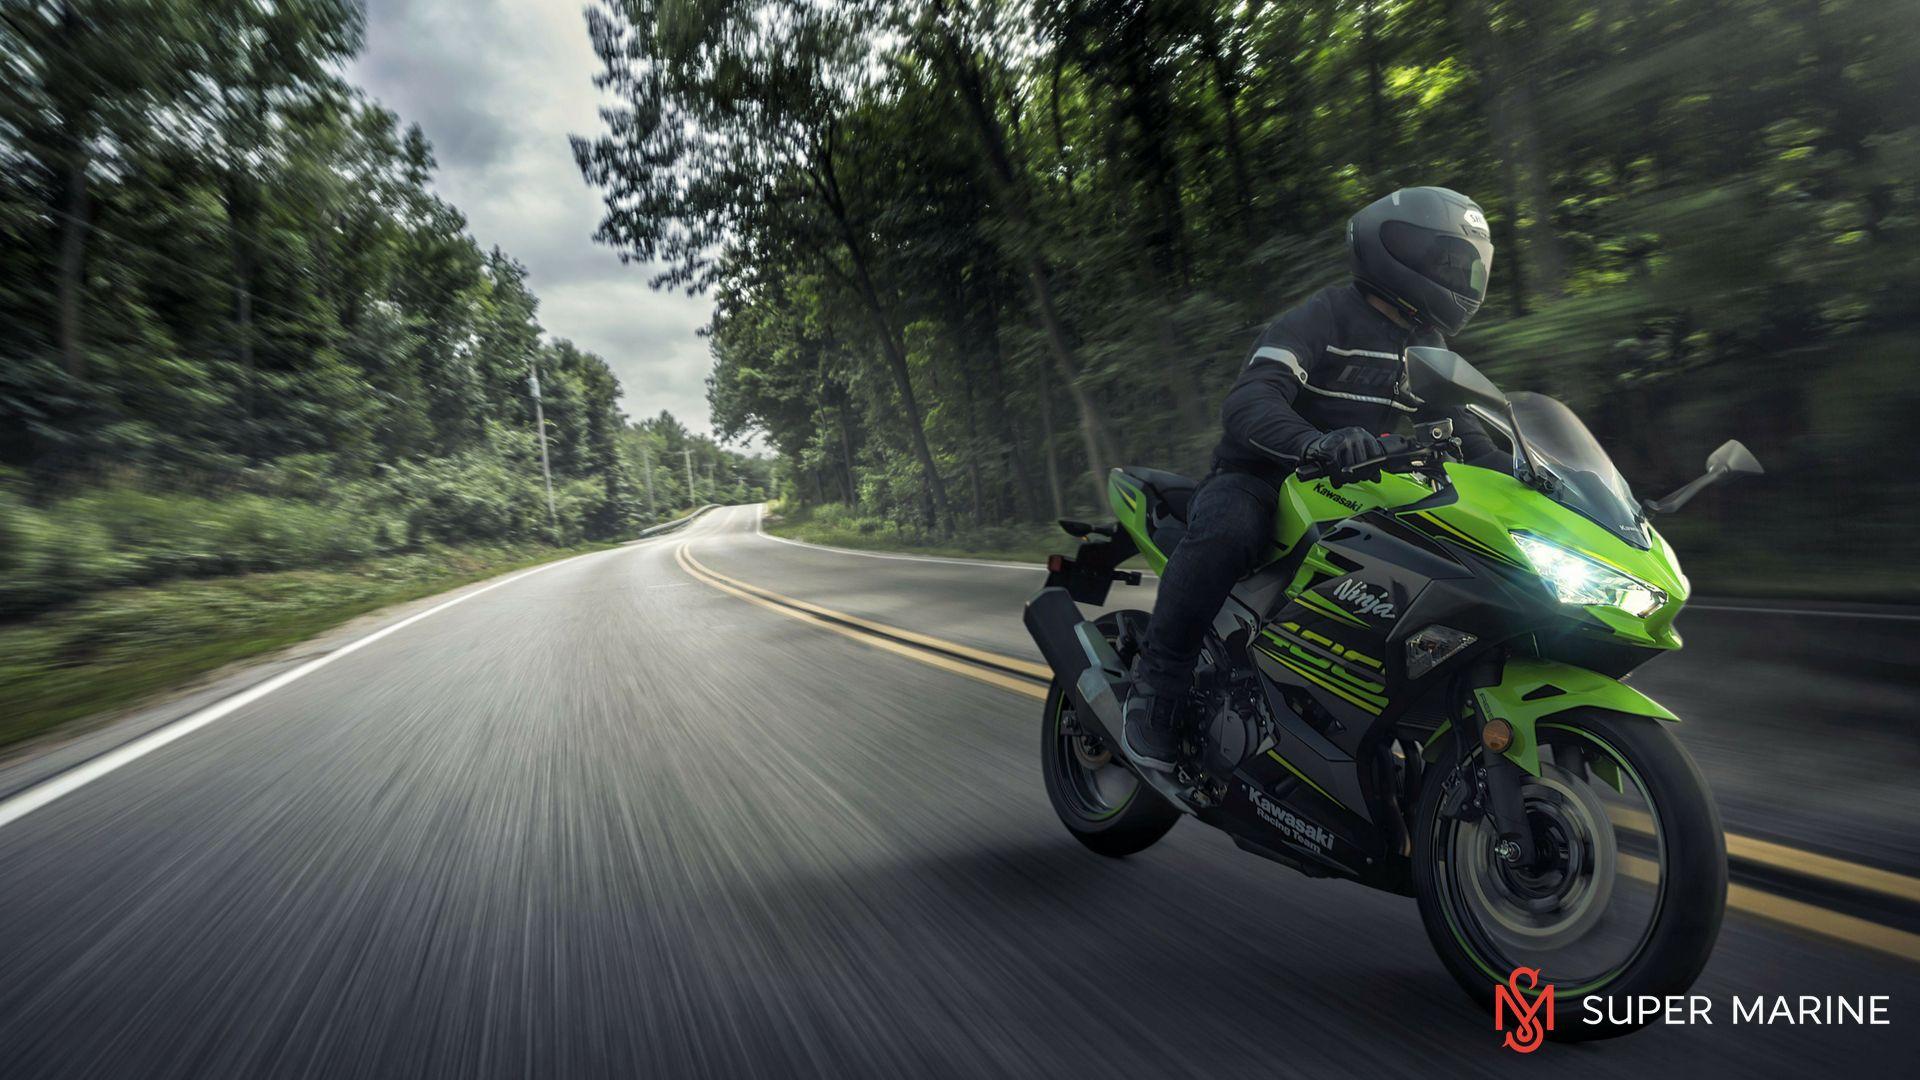 Мотоцикл Kawasaki Ninja 400 Черный 2020 - 7